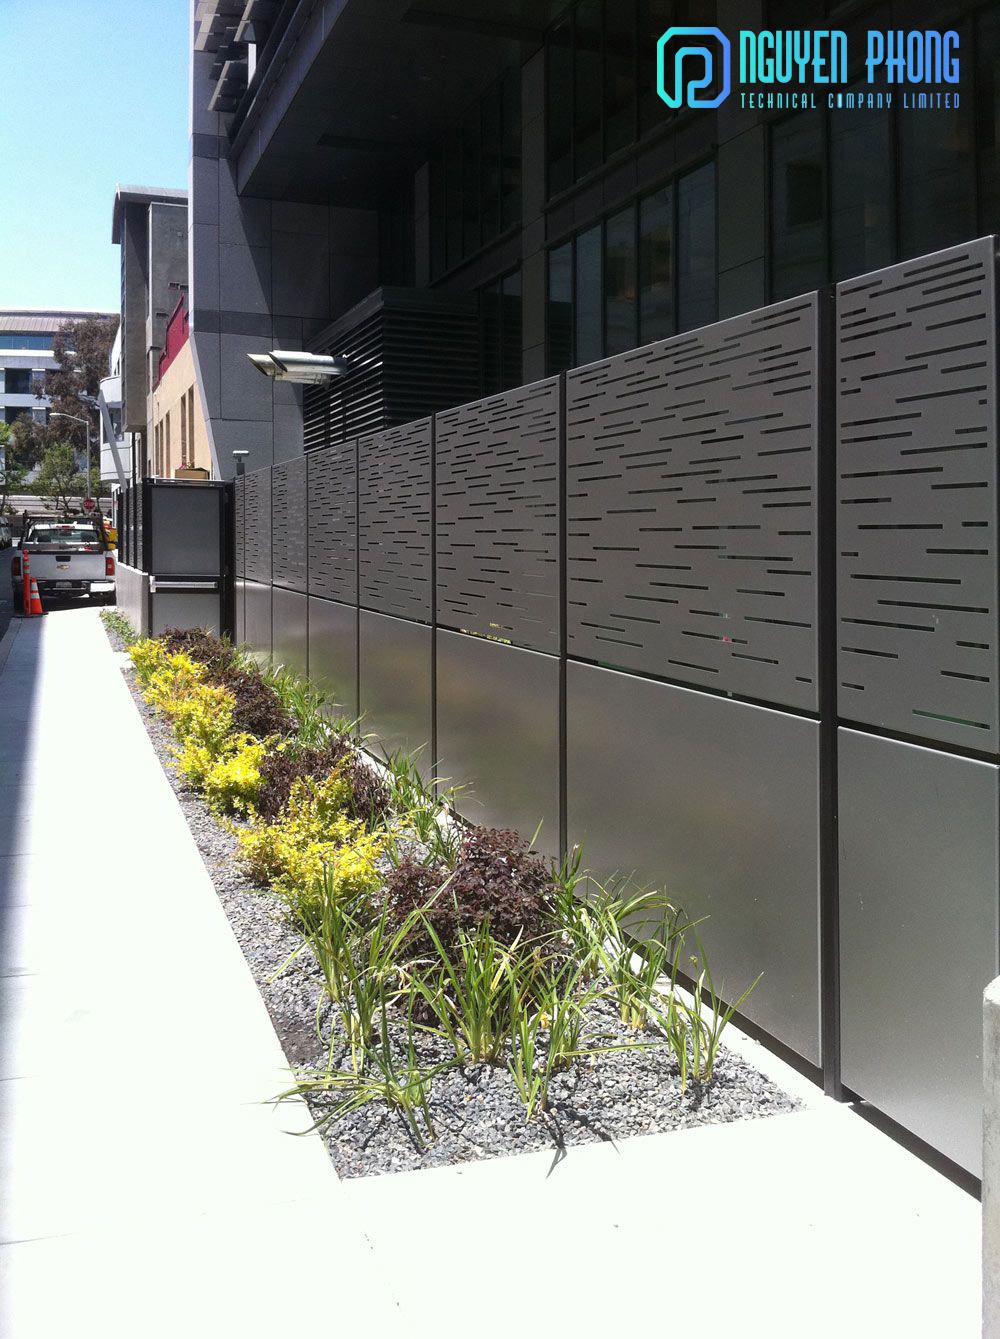 Thiết kế, gia công, thi công khung hàng rào sắt mỹ thuật đẹp nhất cho biệt thự, nhà phố